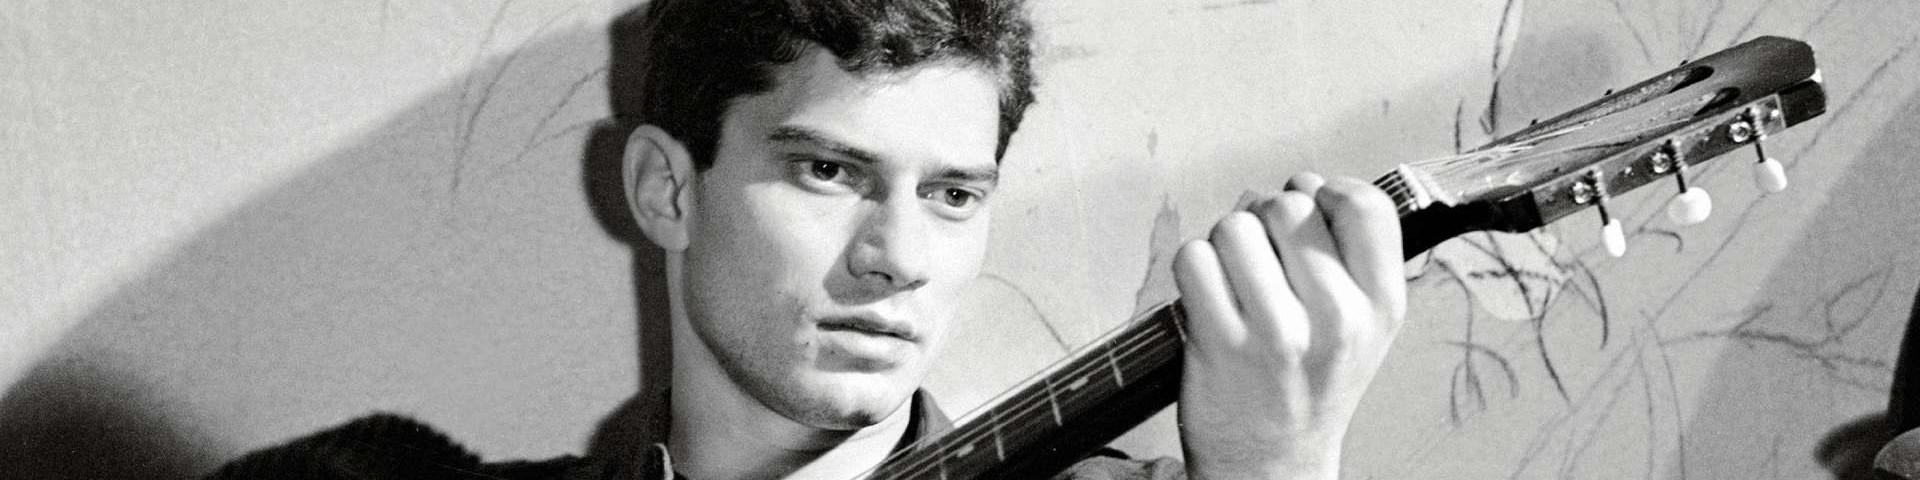 Cantastorie – Luigi Tenco, la disillusione di un sognatore